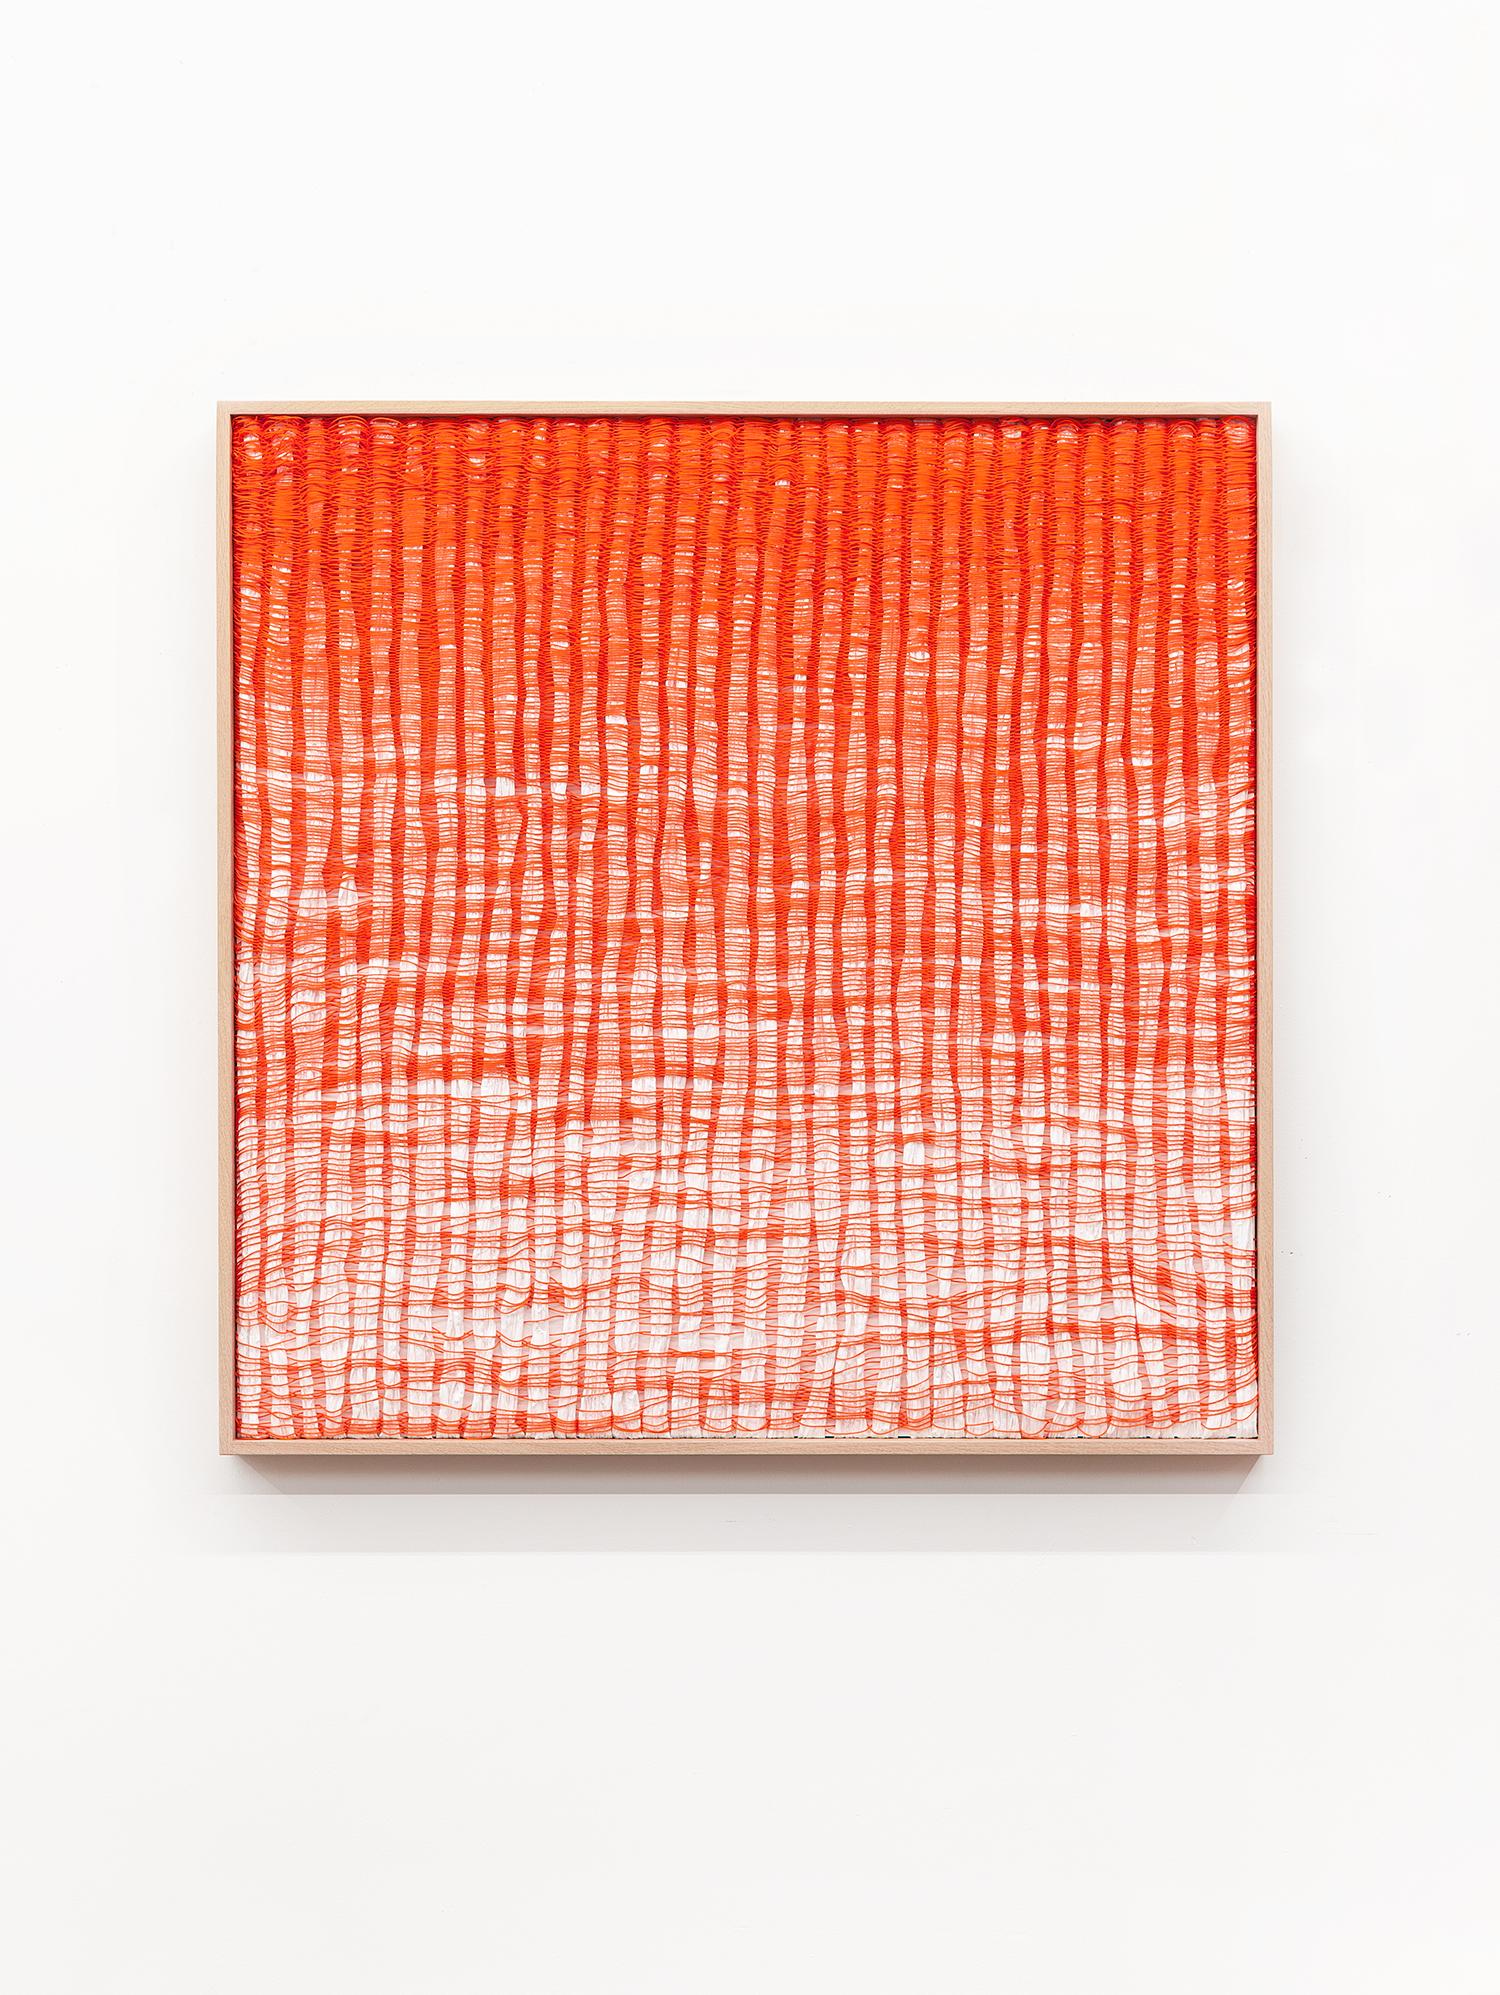 MimiJung_Neon_Orange_Waves_1.jpg